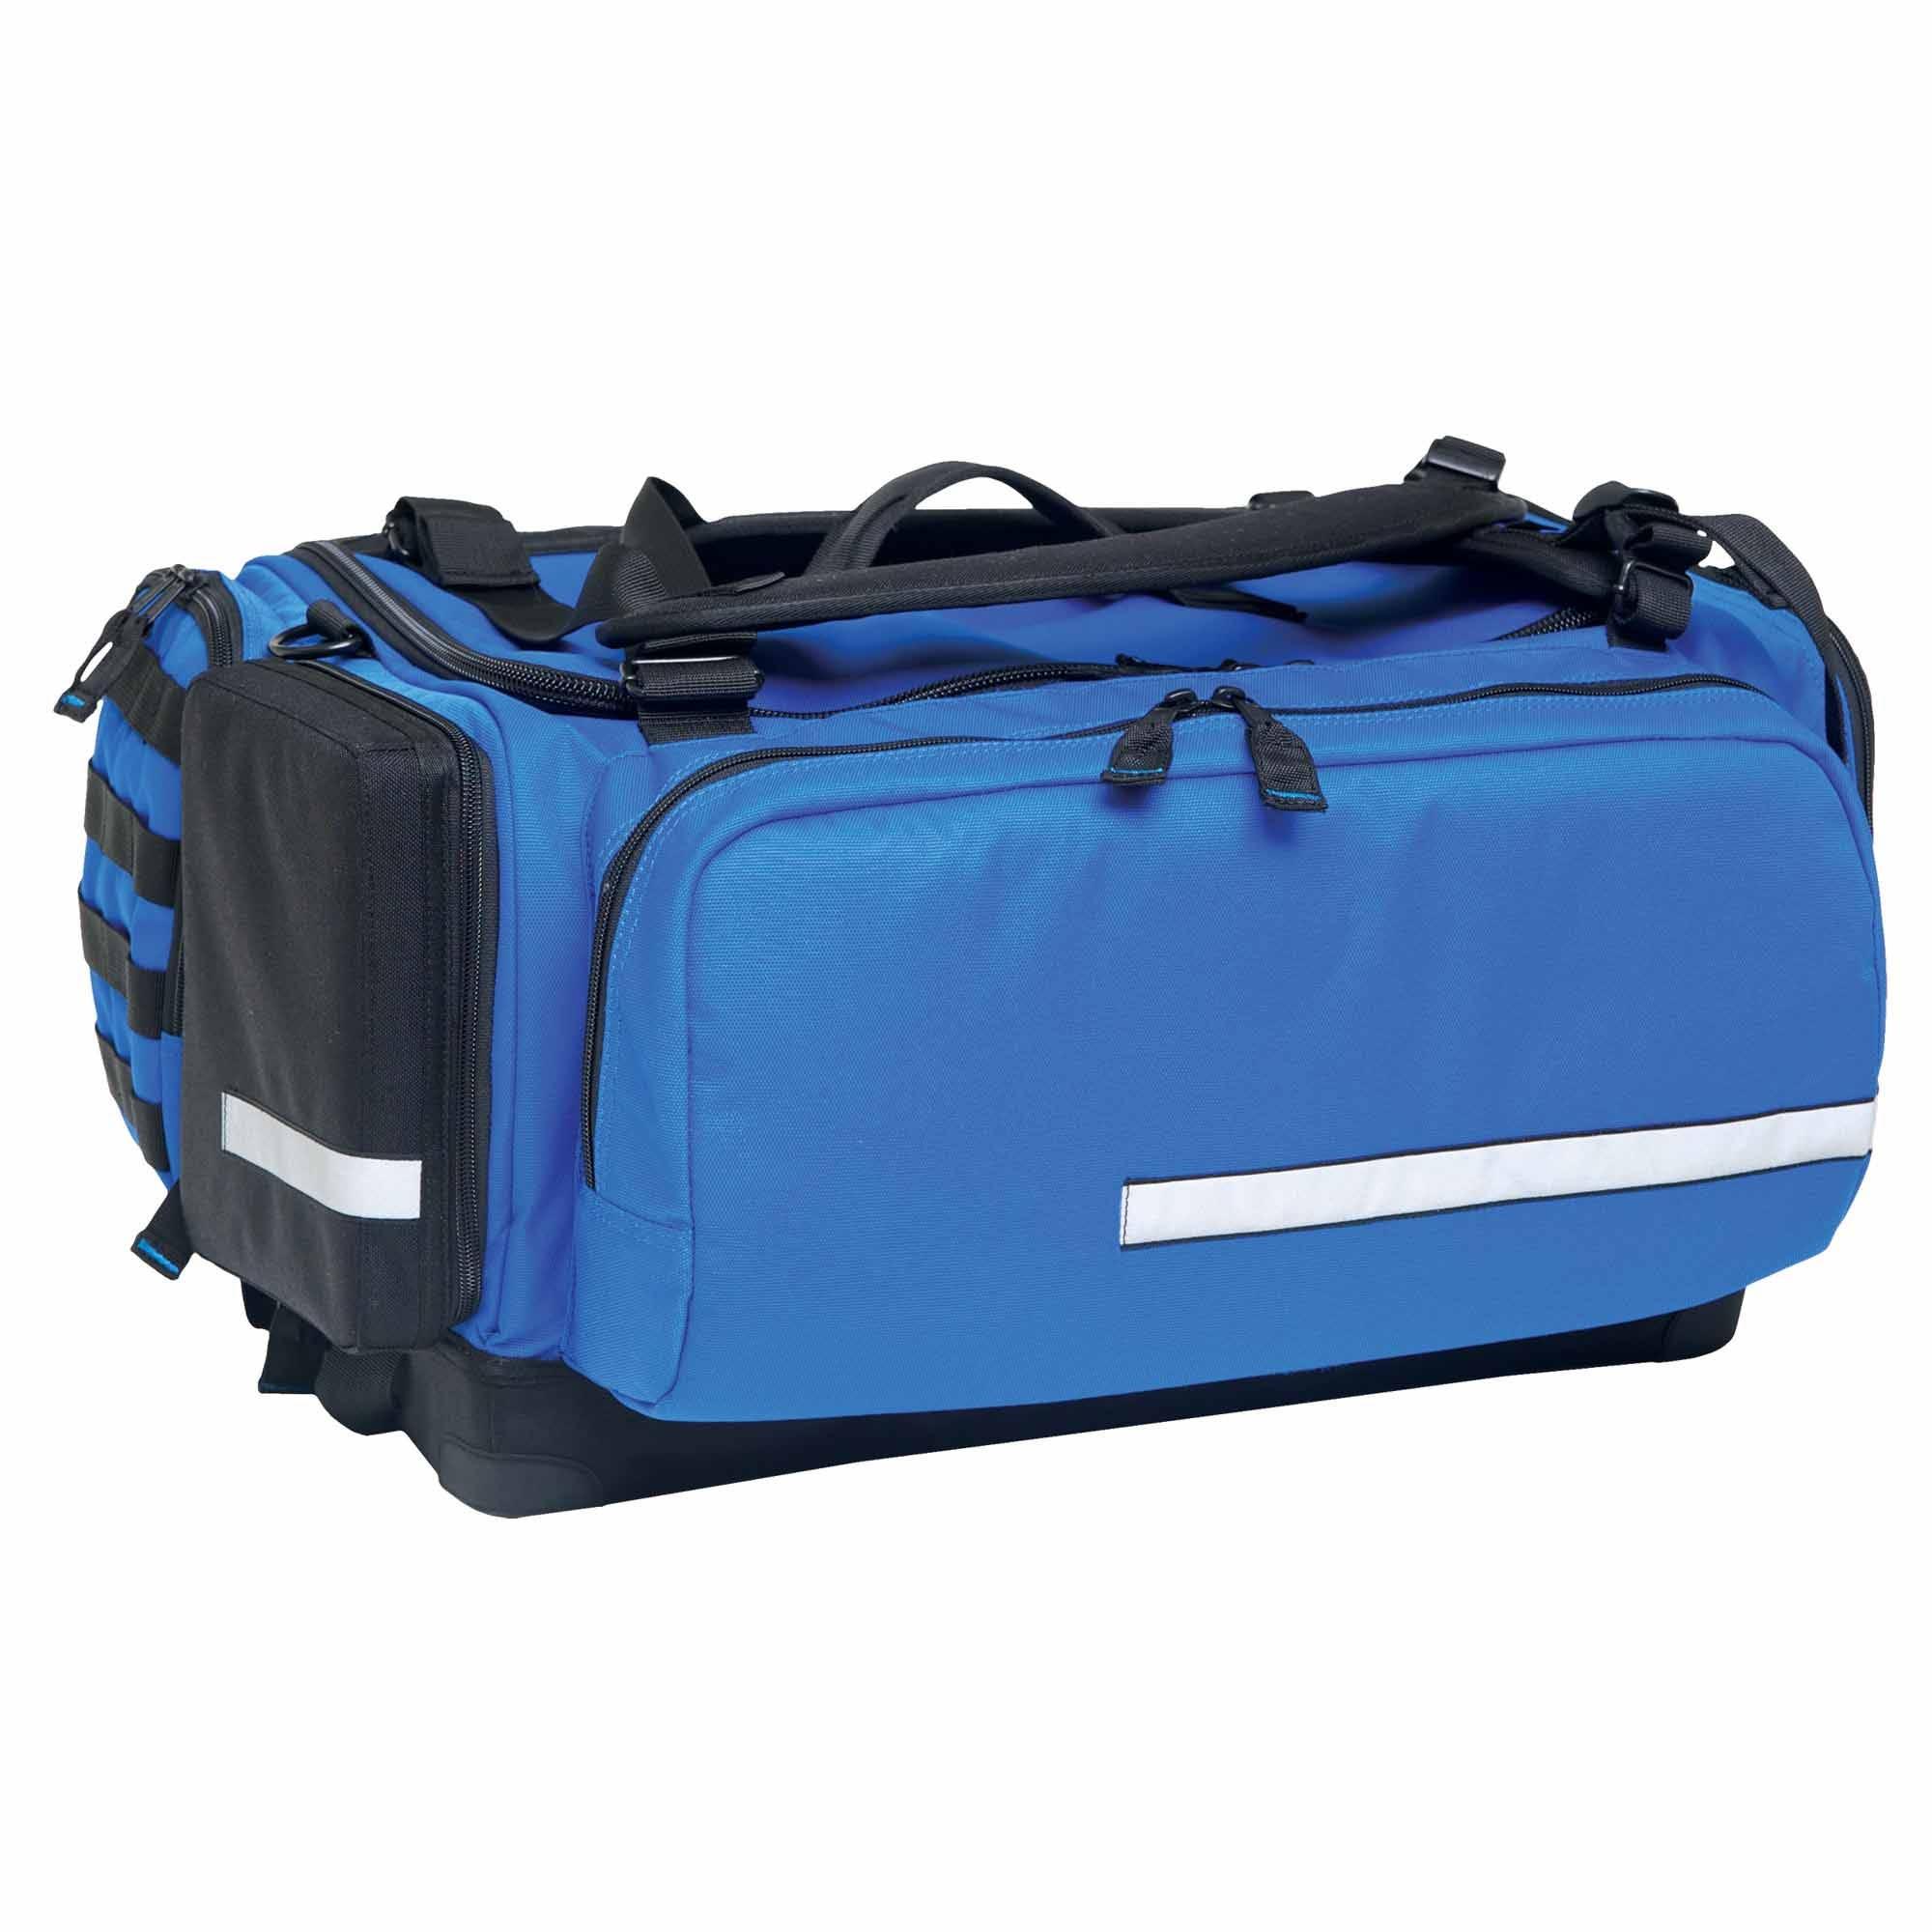 5.11 Tactical Responder ALS 2900™ Bag (Blue)